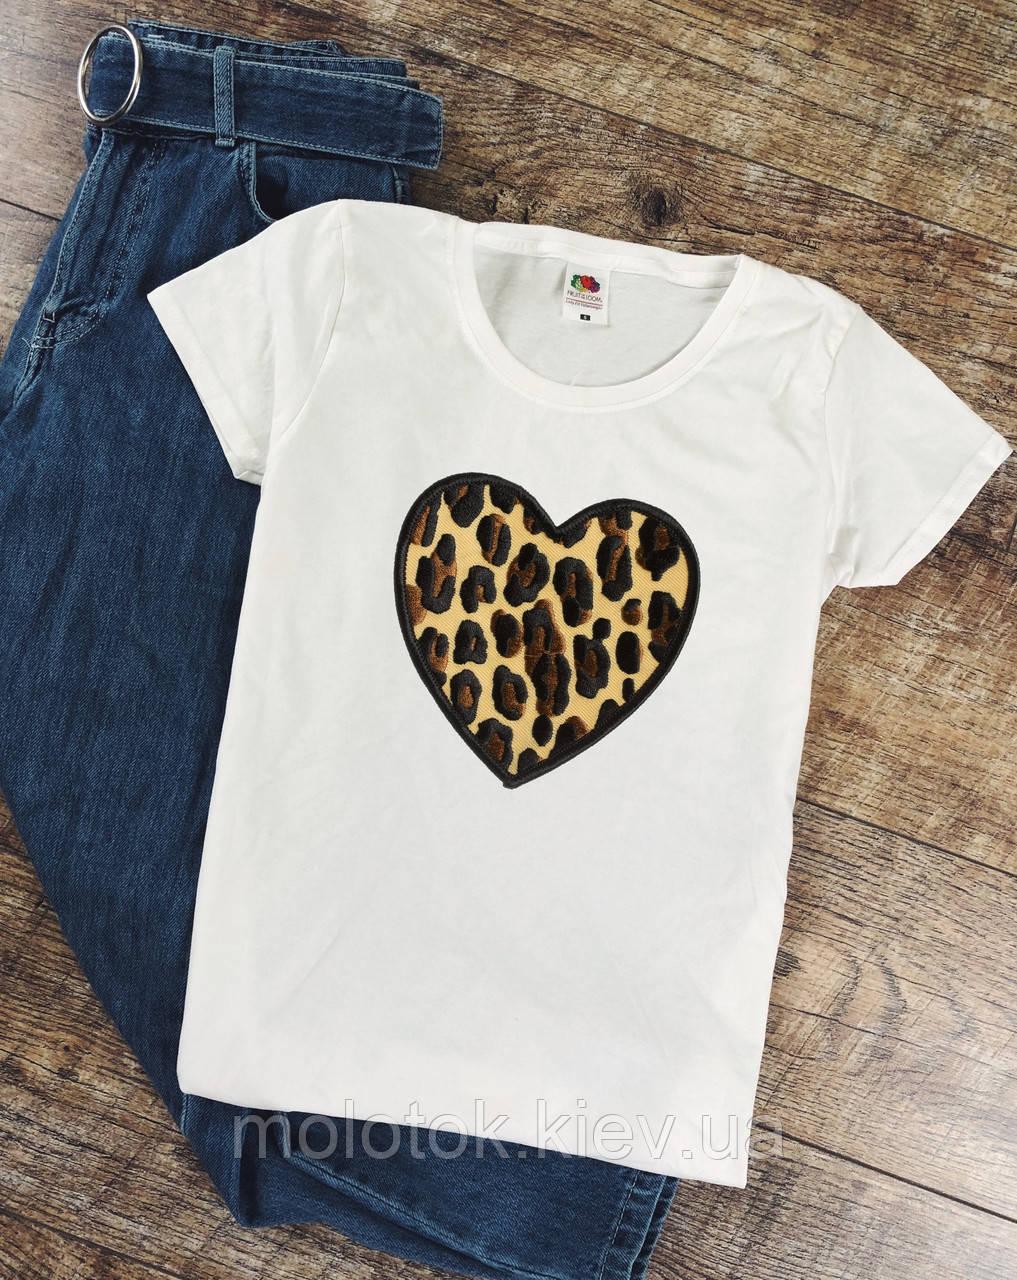 Женская футболка сердце леопард белая качественная шелкография